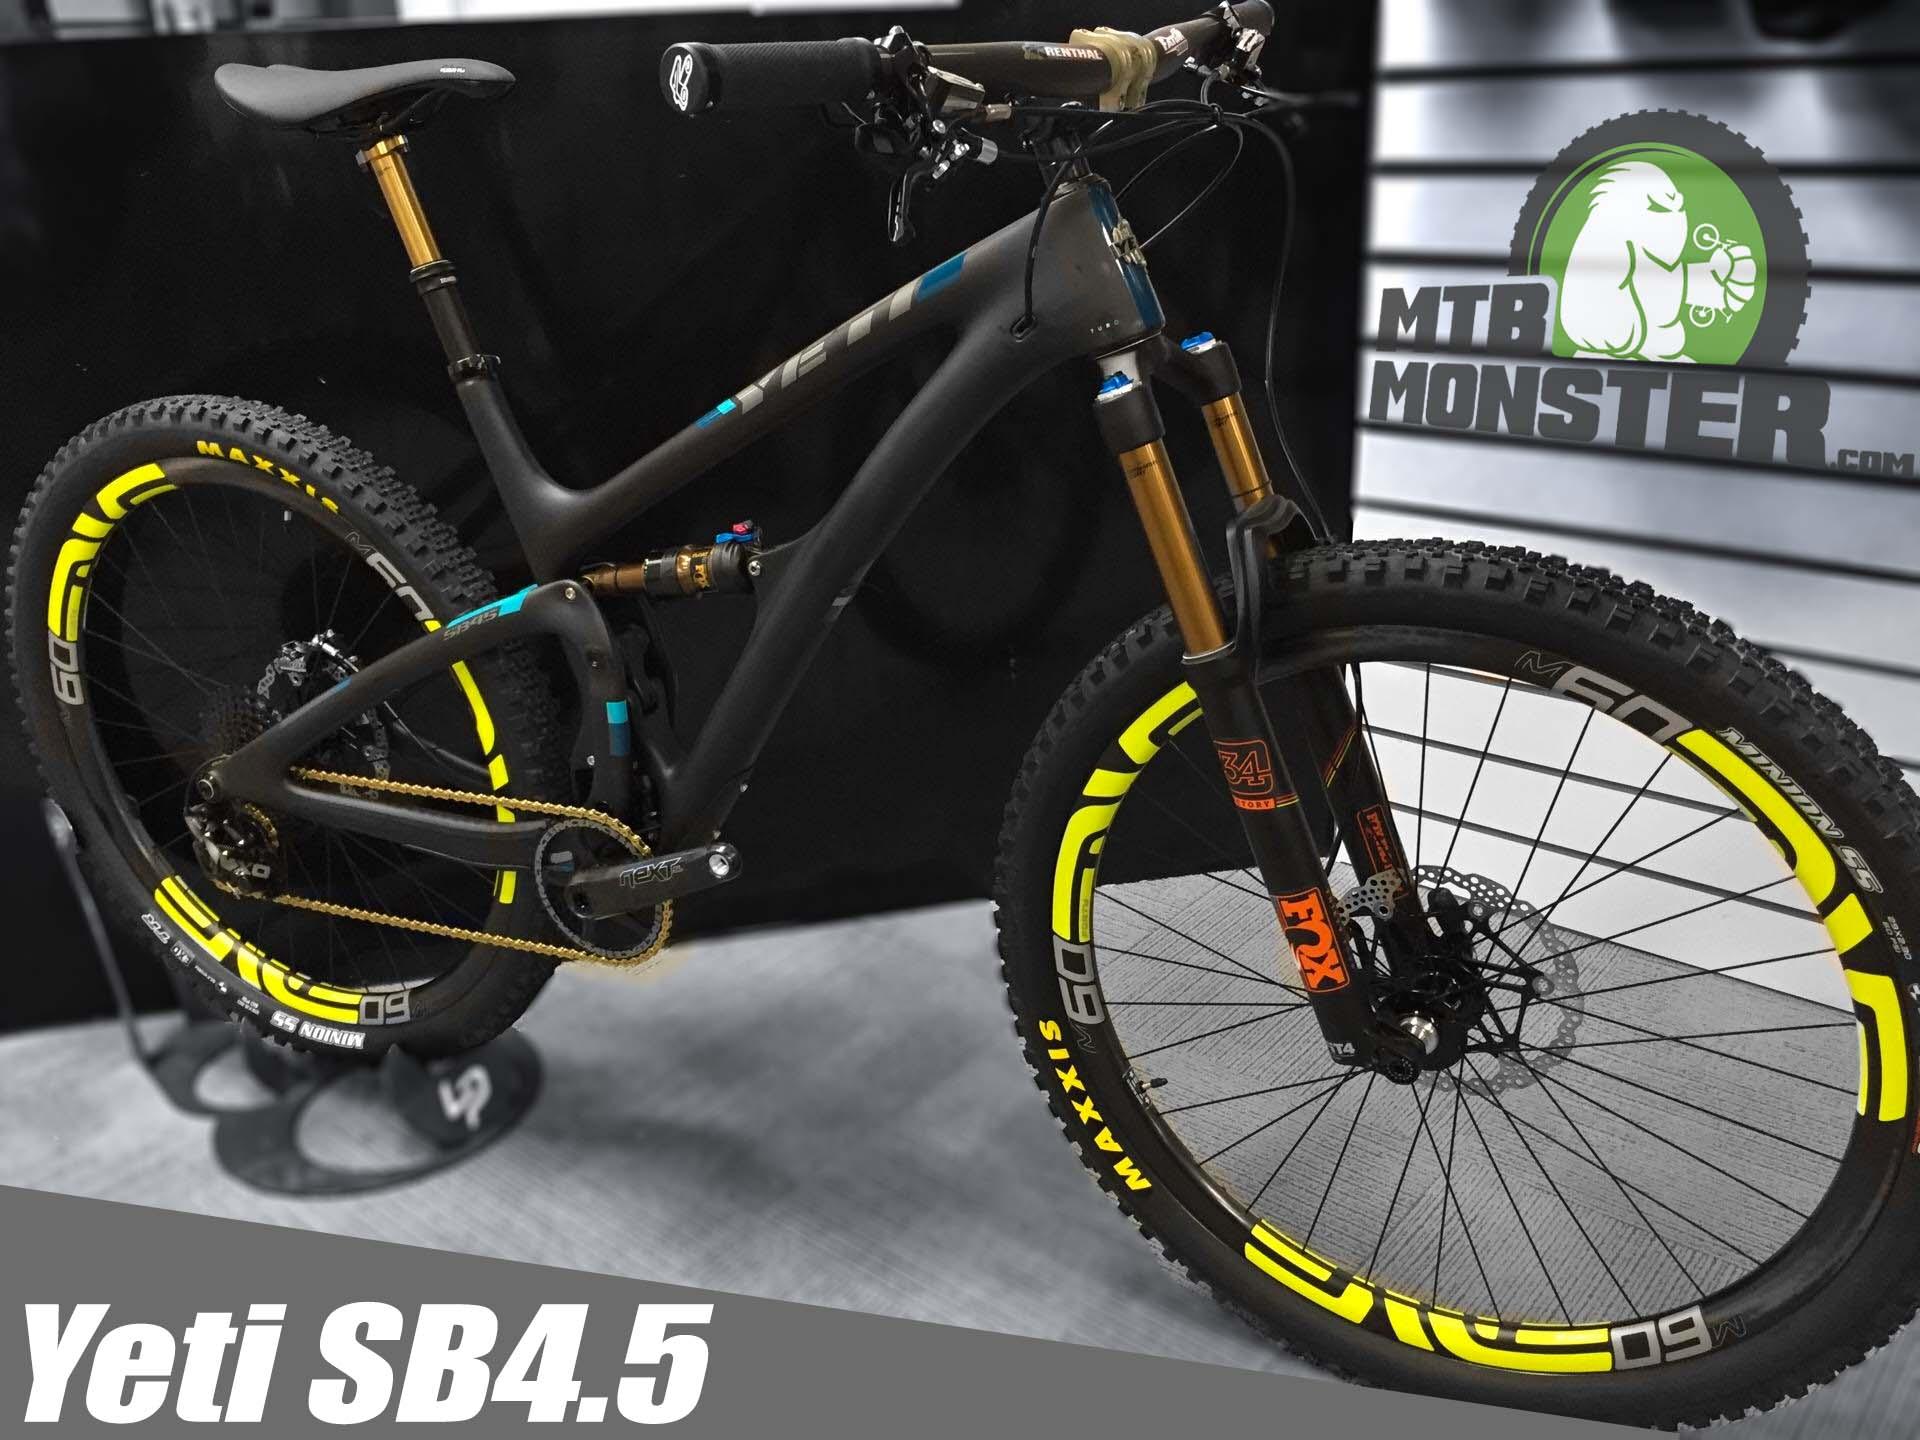 Yeti SB4.5 X01 Custom Build